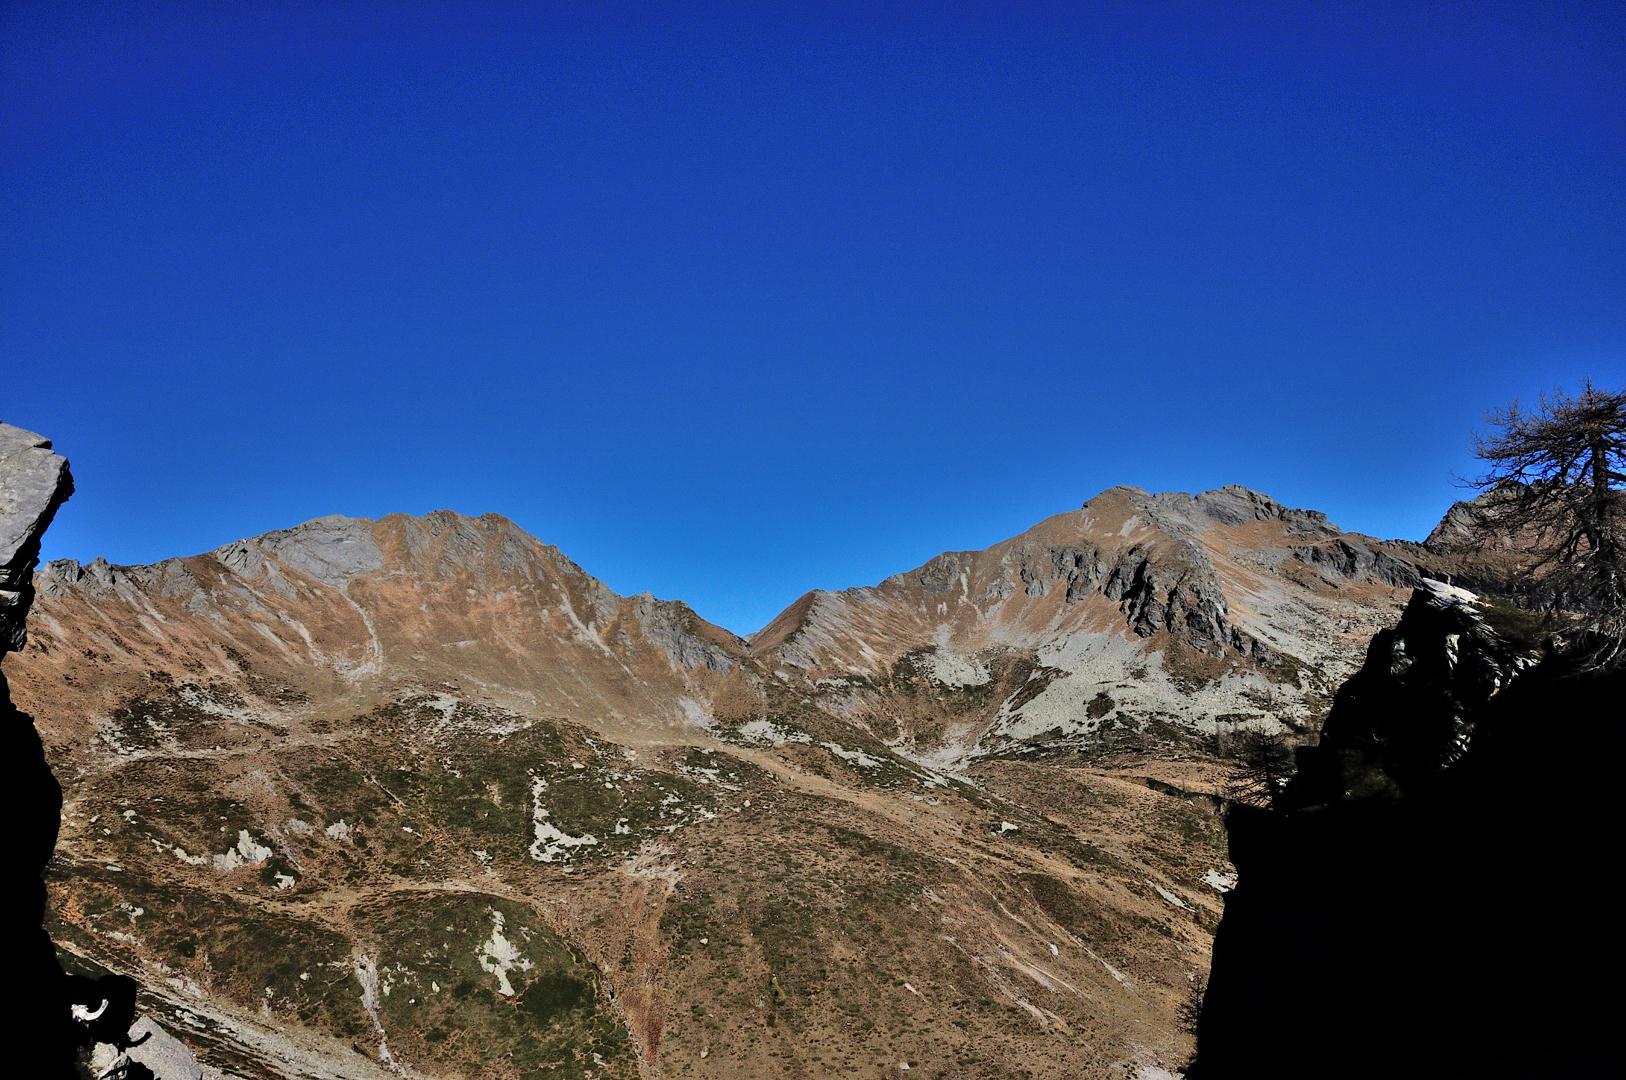 Pizzo Campolatte e Punta di Pezza comune viste dalla forcella a m 2041